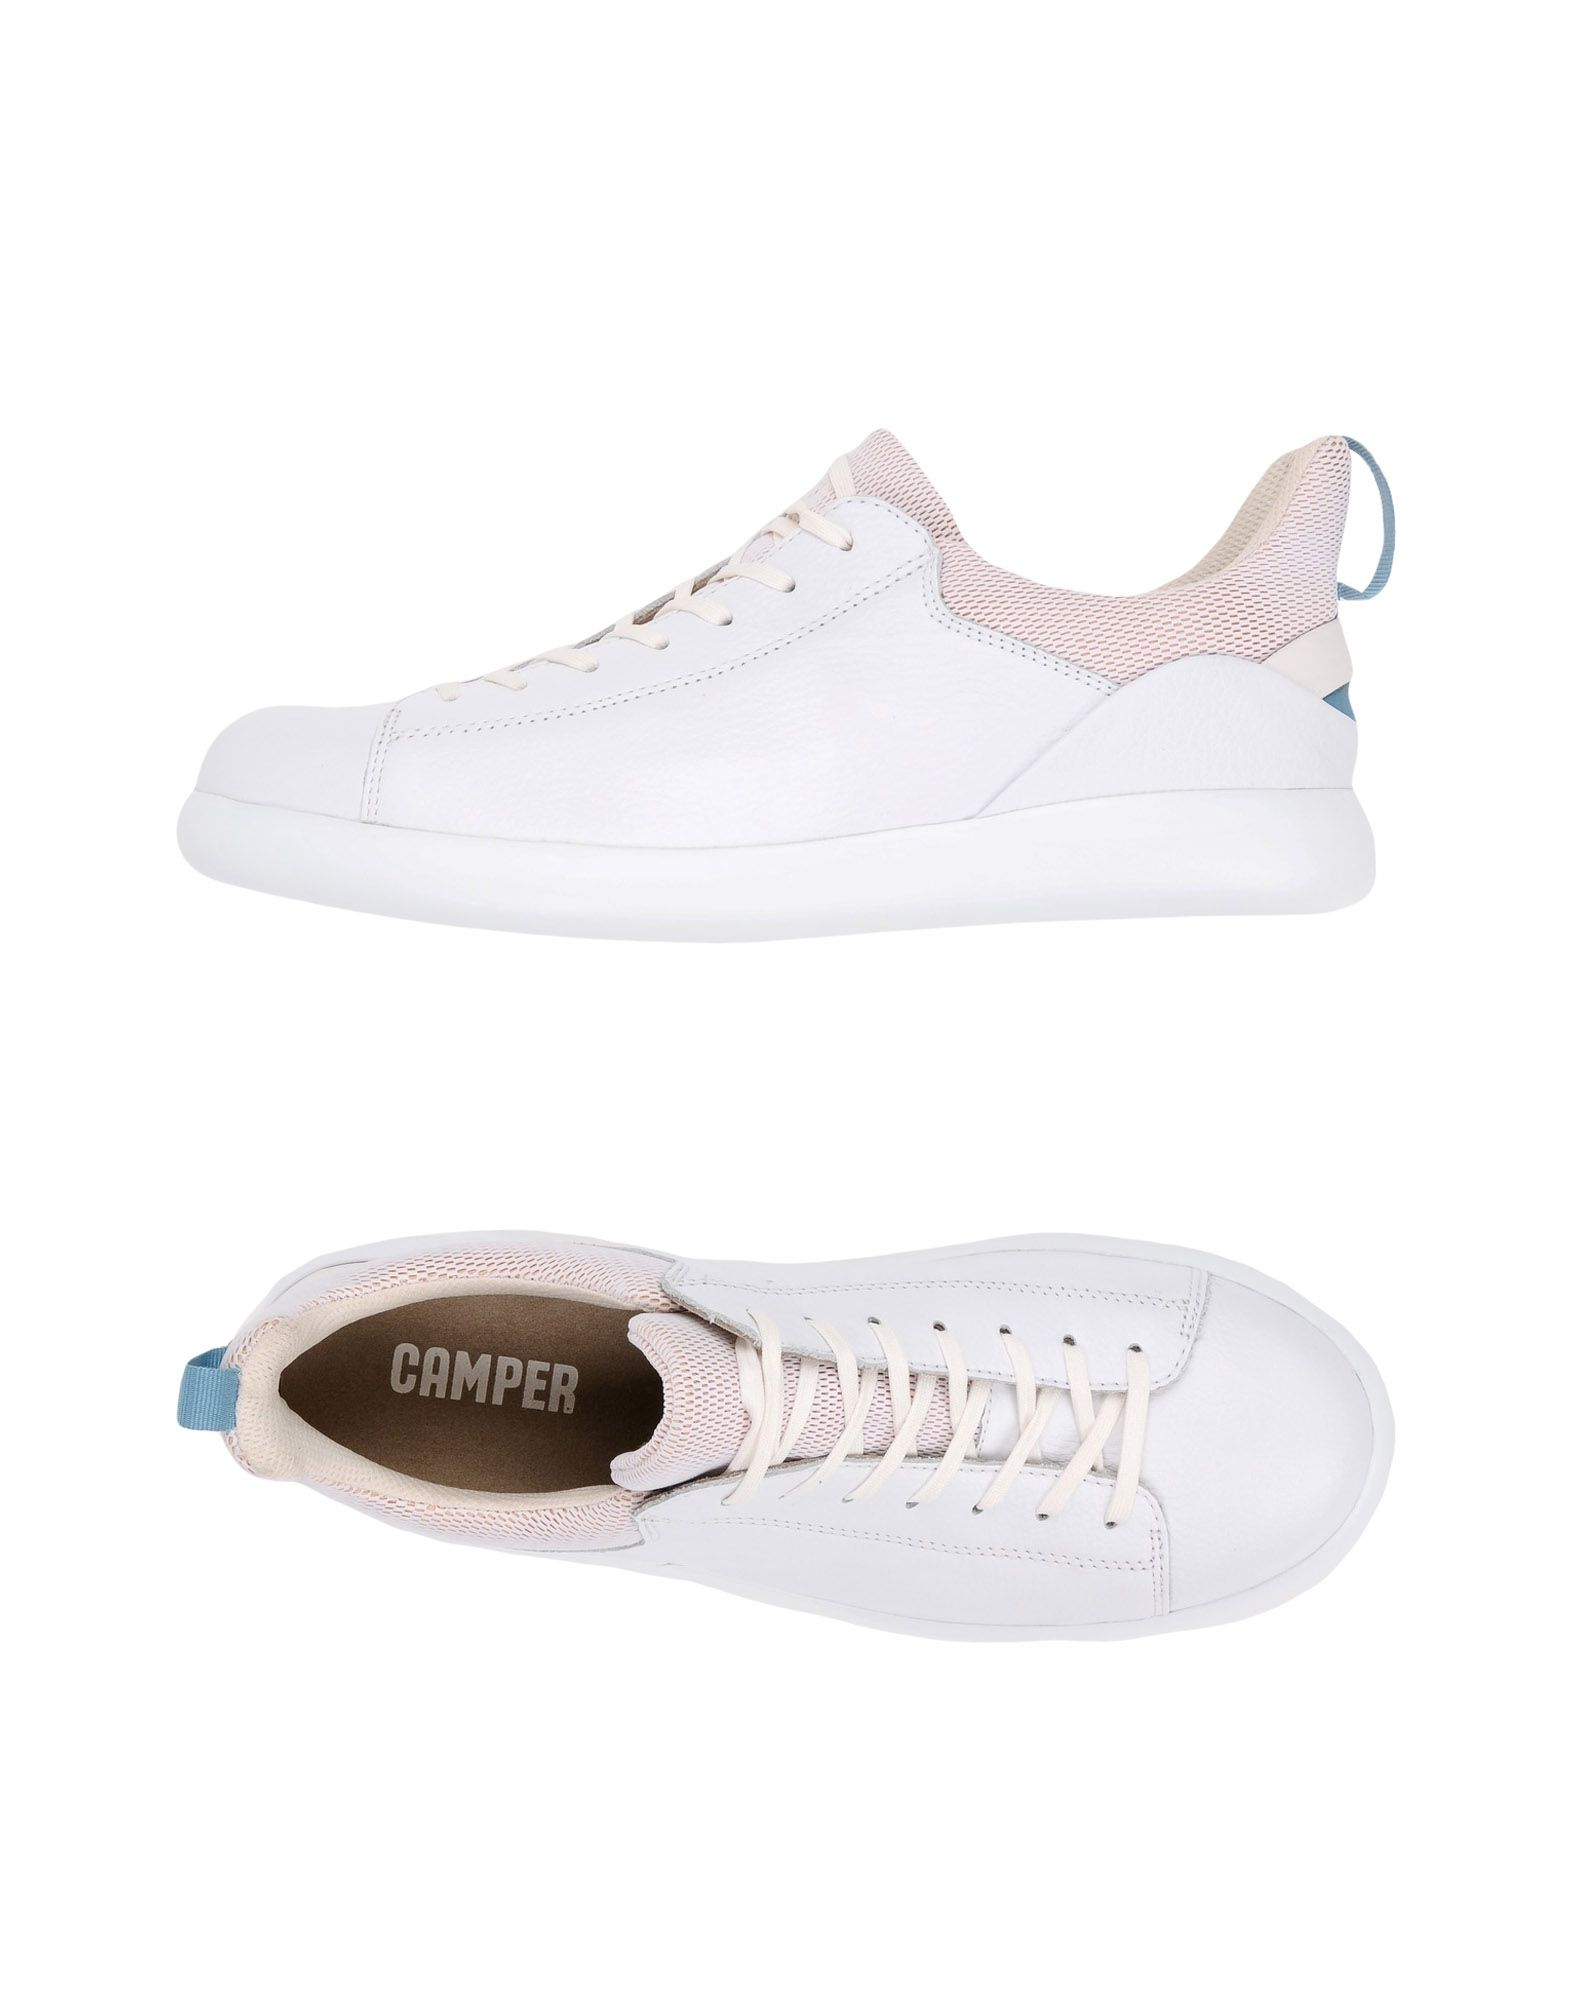 Sneakers Camper Pelotas Capsule Xl - Homme - Sneakers Camper sur